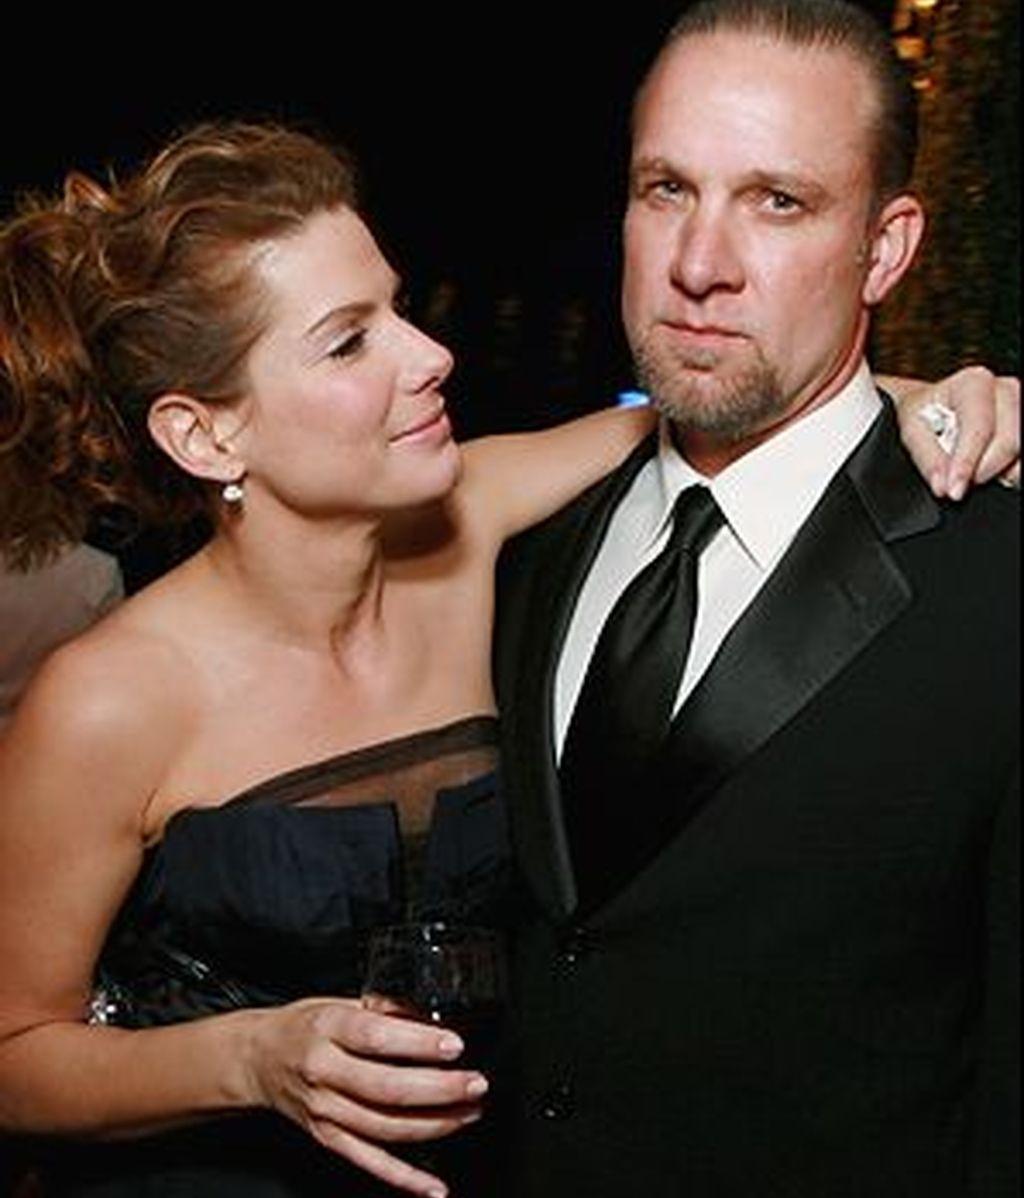 Jesse James y Sandra Bullock pocas semanas atrás cuando todavía eran una pareja feliz.